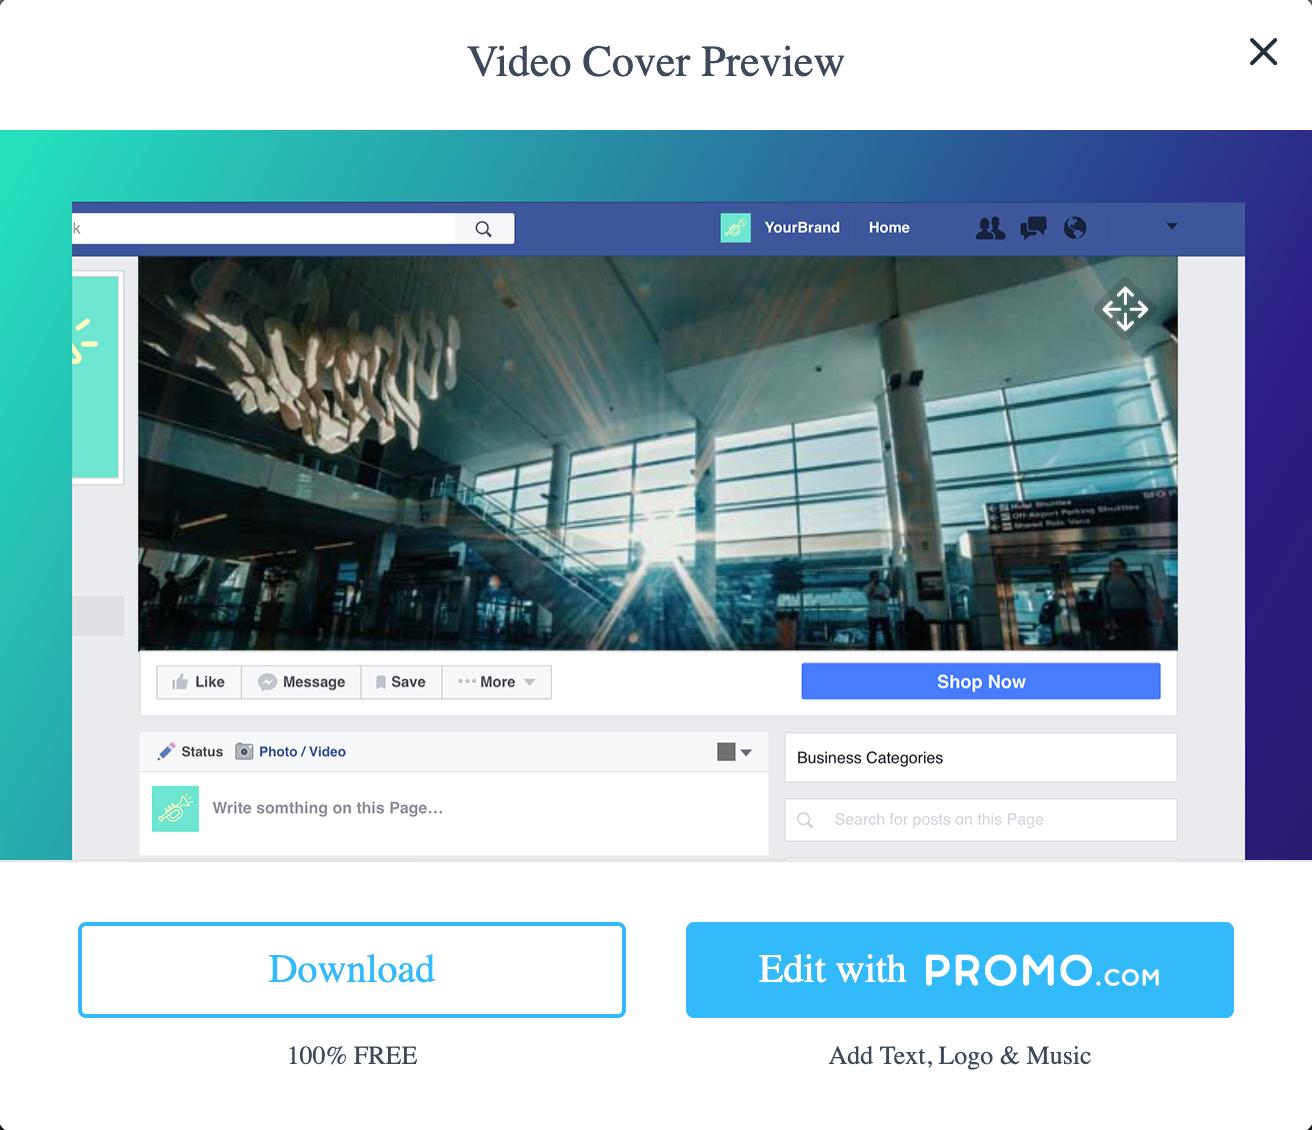 Promo.com Review- Facebook Covers New